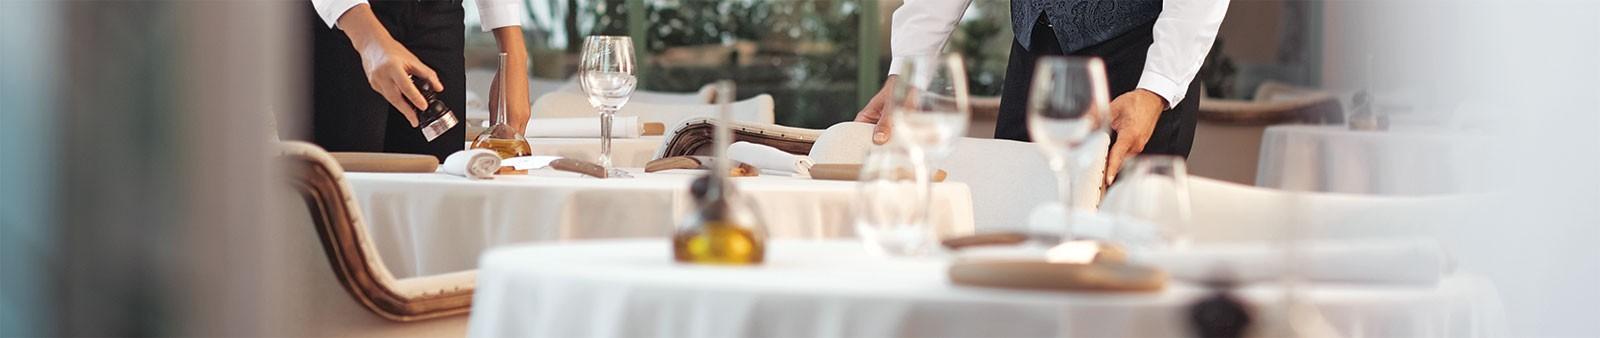 Chasubles service & hôtel